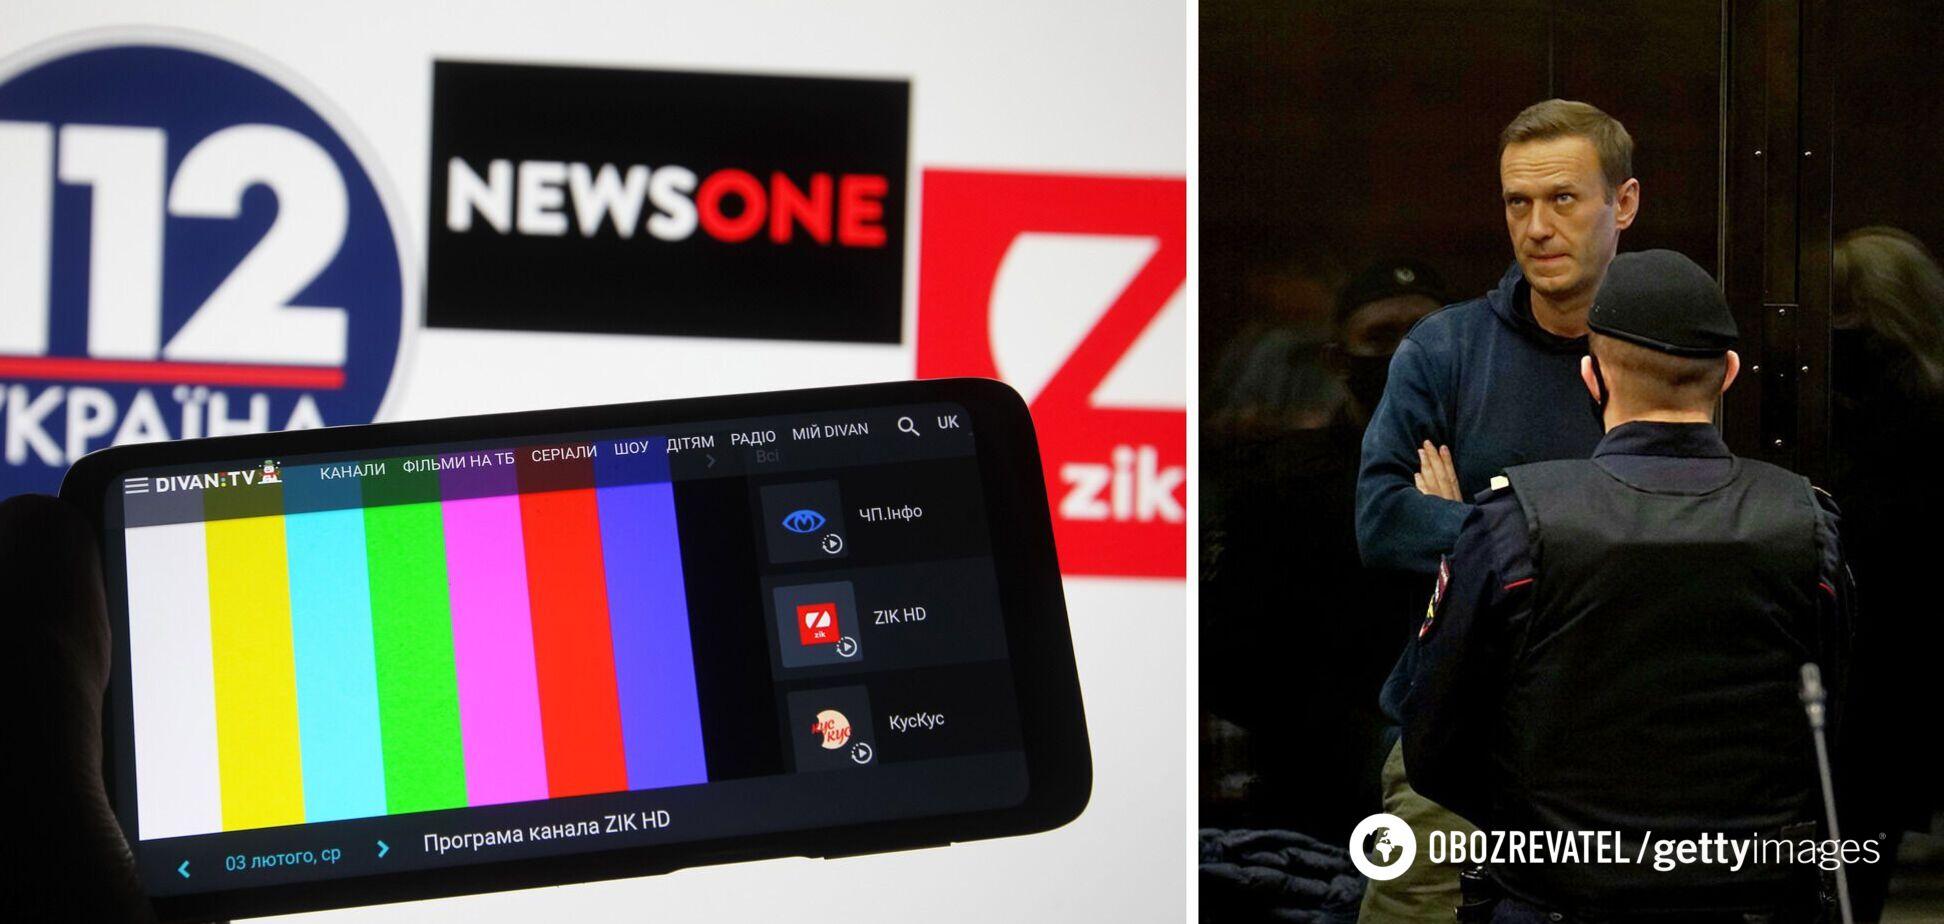 Журналіст пов'язав блокування каналів кума Путіна із засудженням Навального